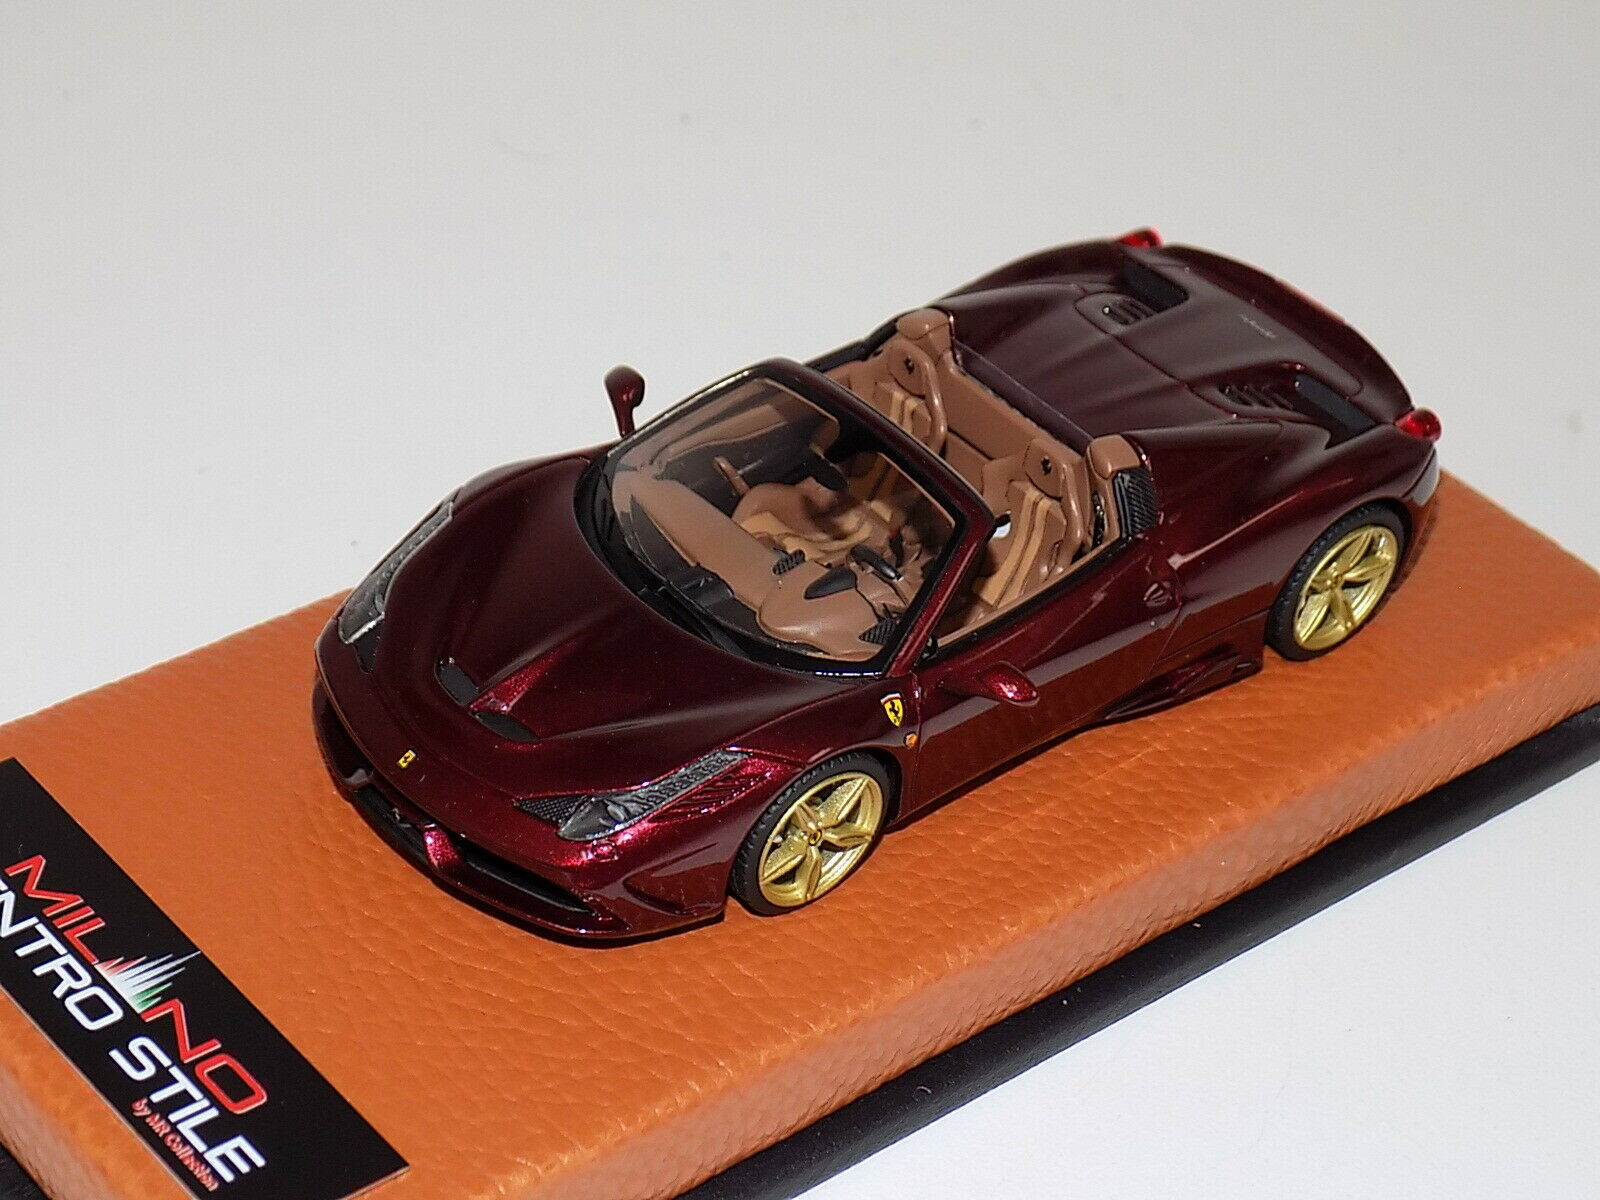 1/43 MR Ferrari 458 Speciale Rubio Micalizzato on Leather Base limited 5 pcs C26